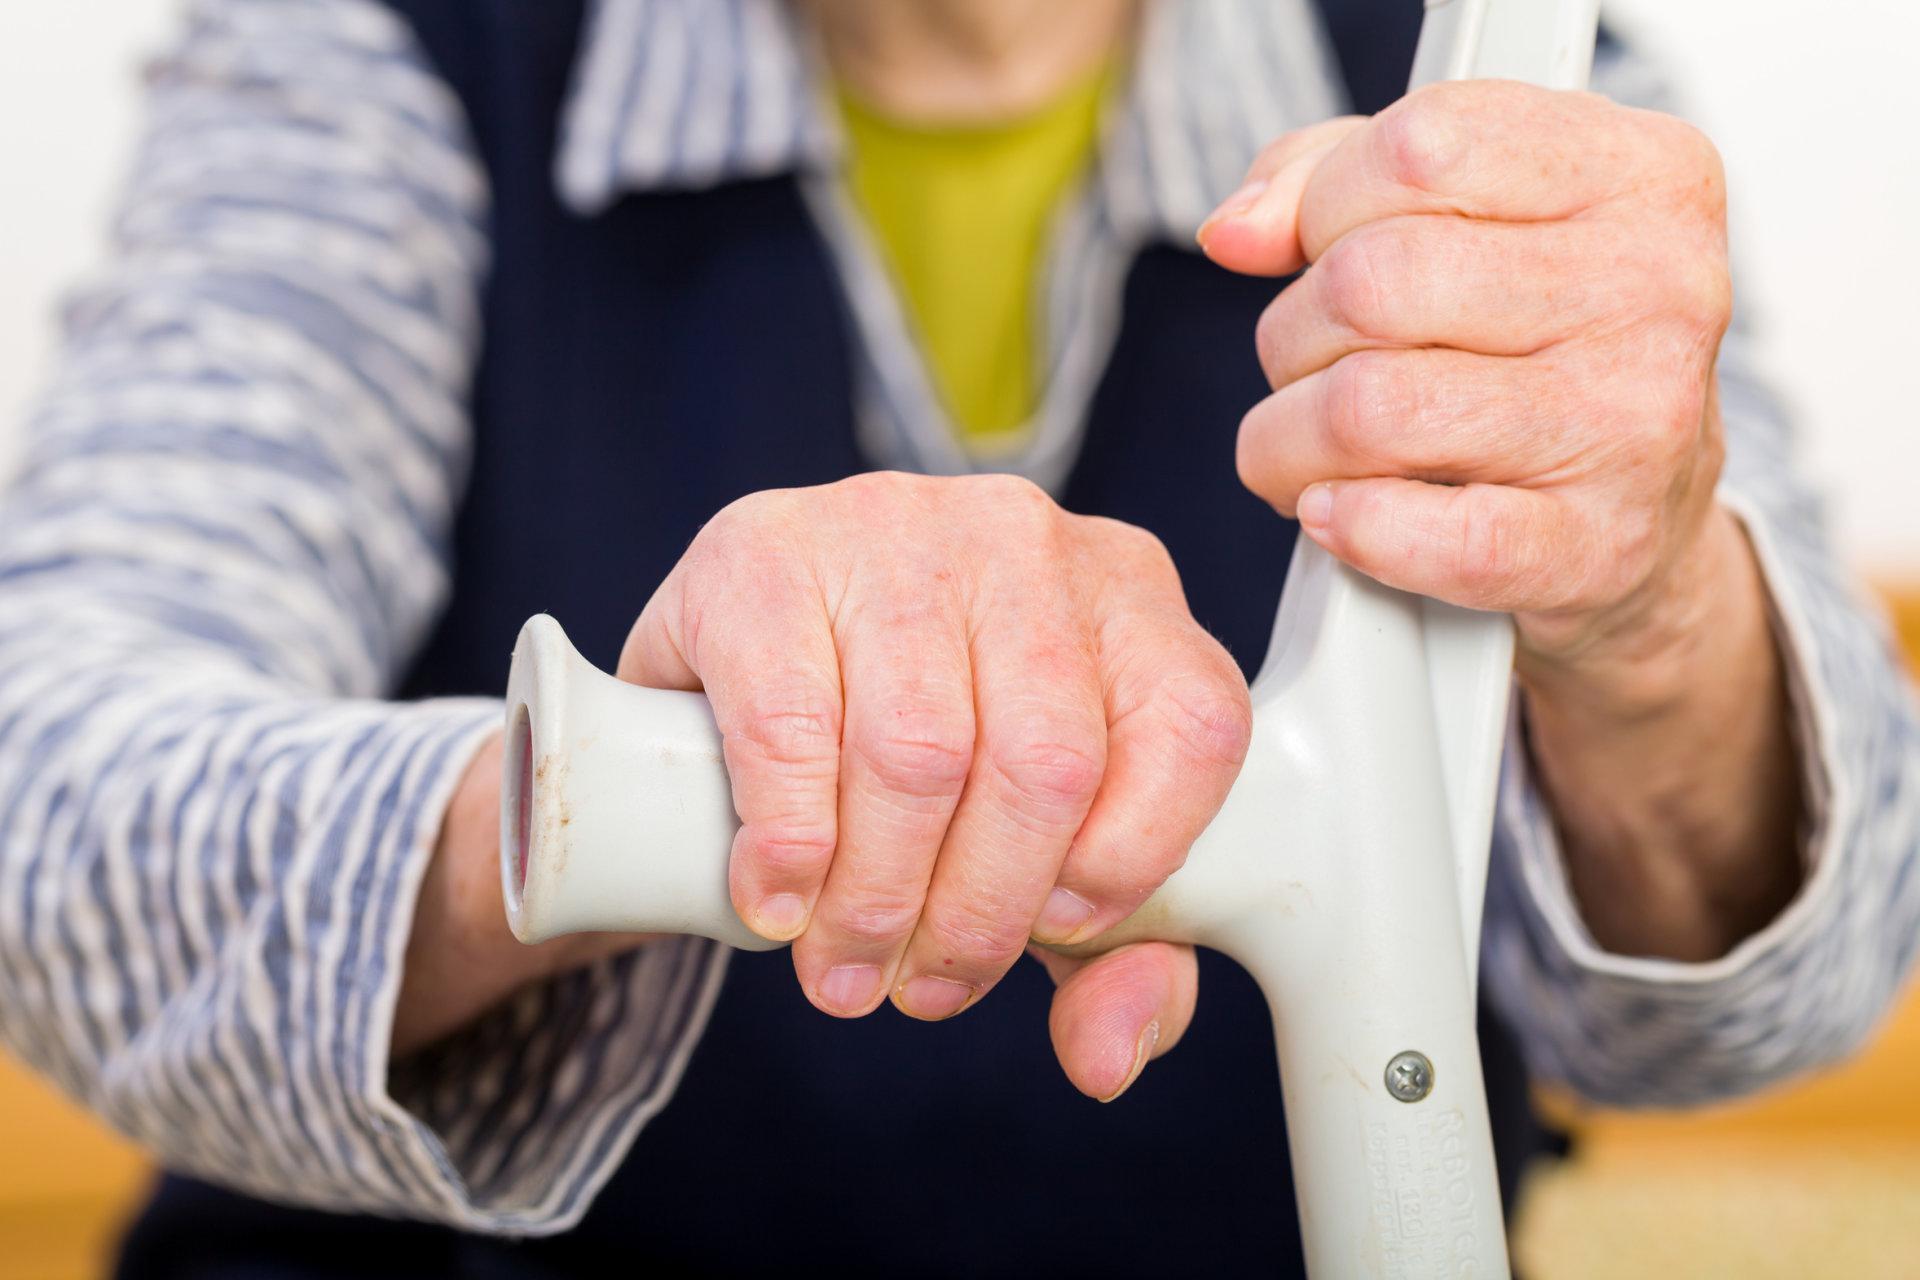 podagros artritas rankos artrito facetic sustaines